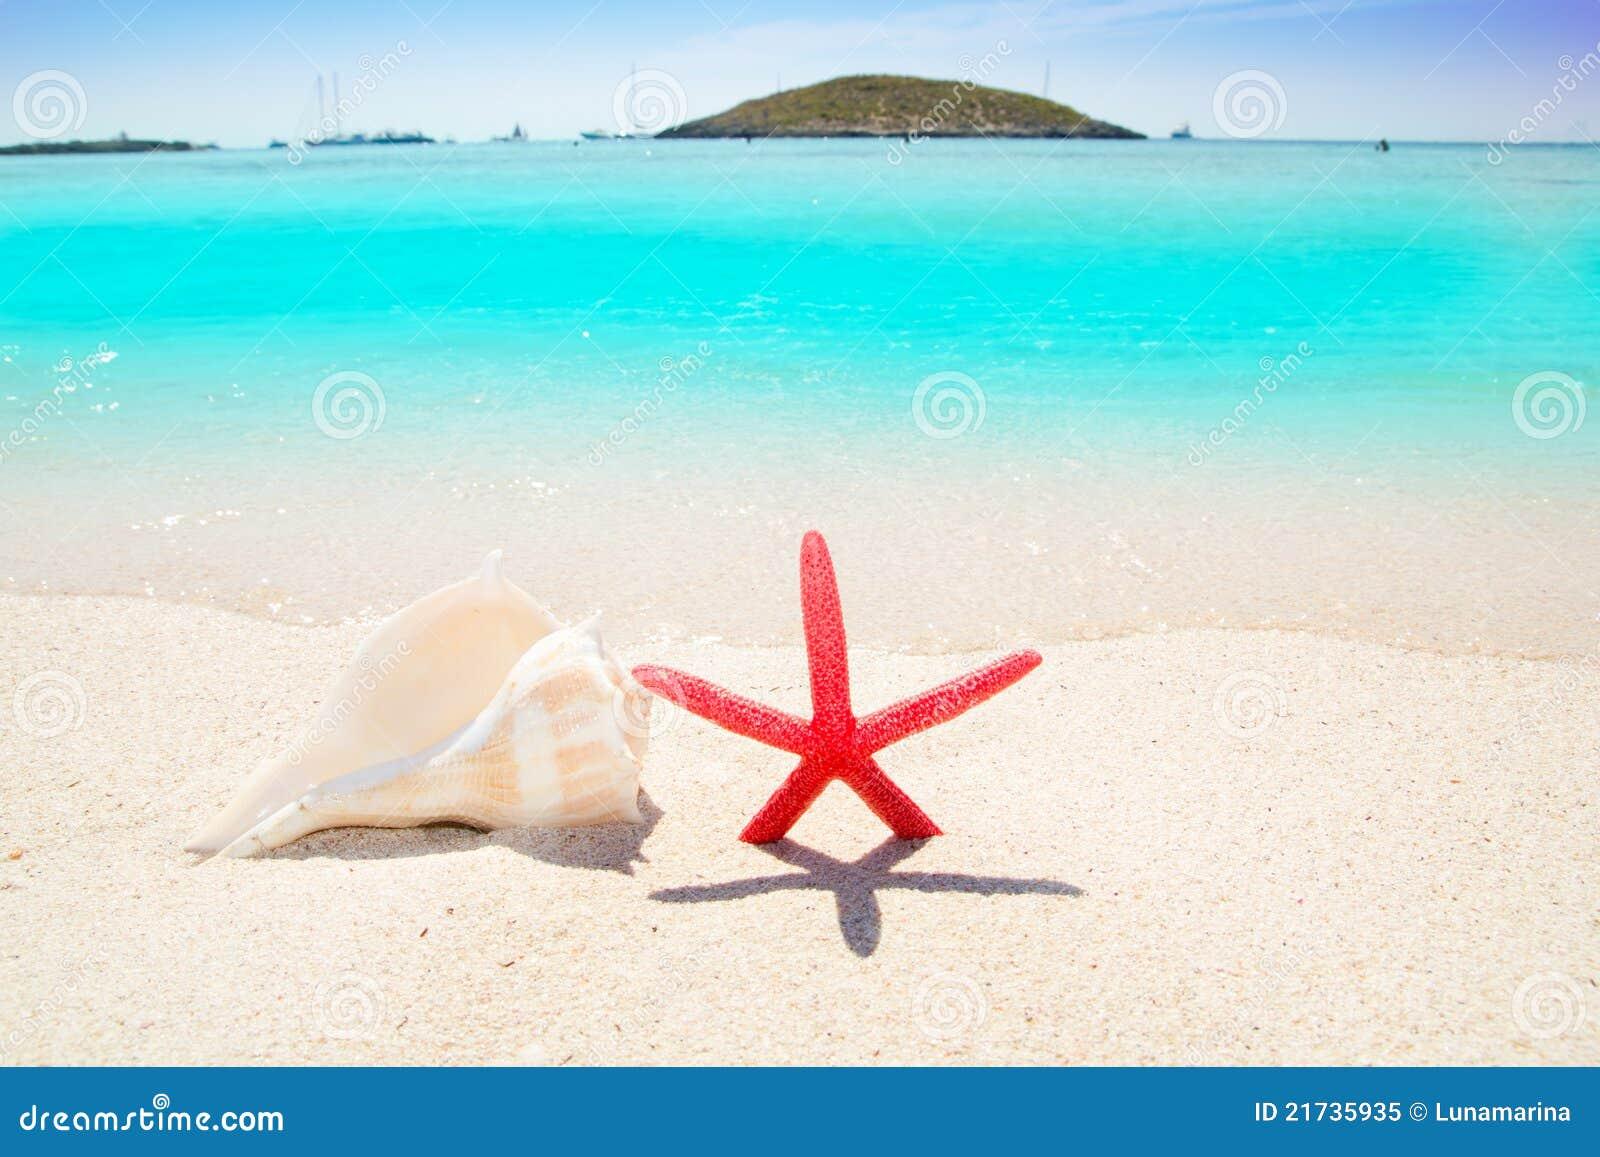 Étoiles de mer et seashell en plage tropicale